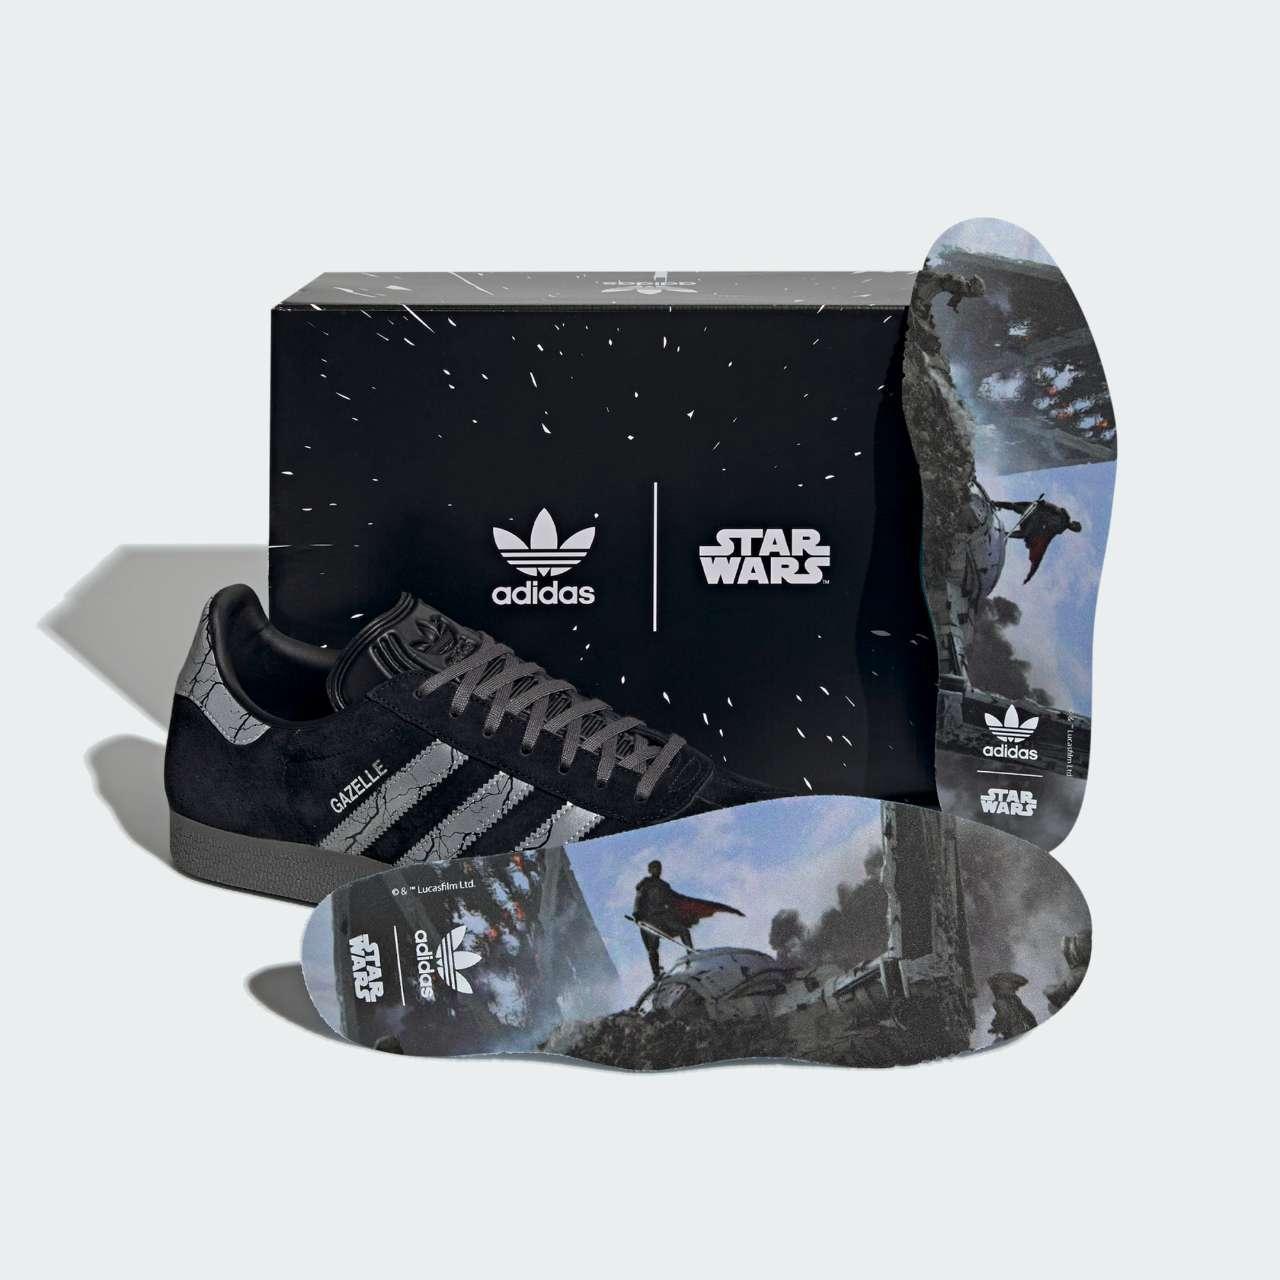 Gazelle_Darksaber_Shoes_Black_GZ2753_011_hover_standard